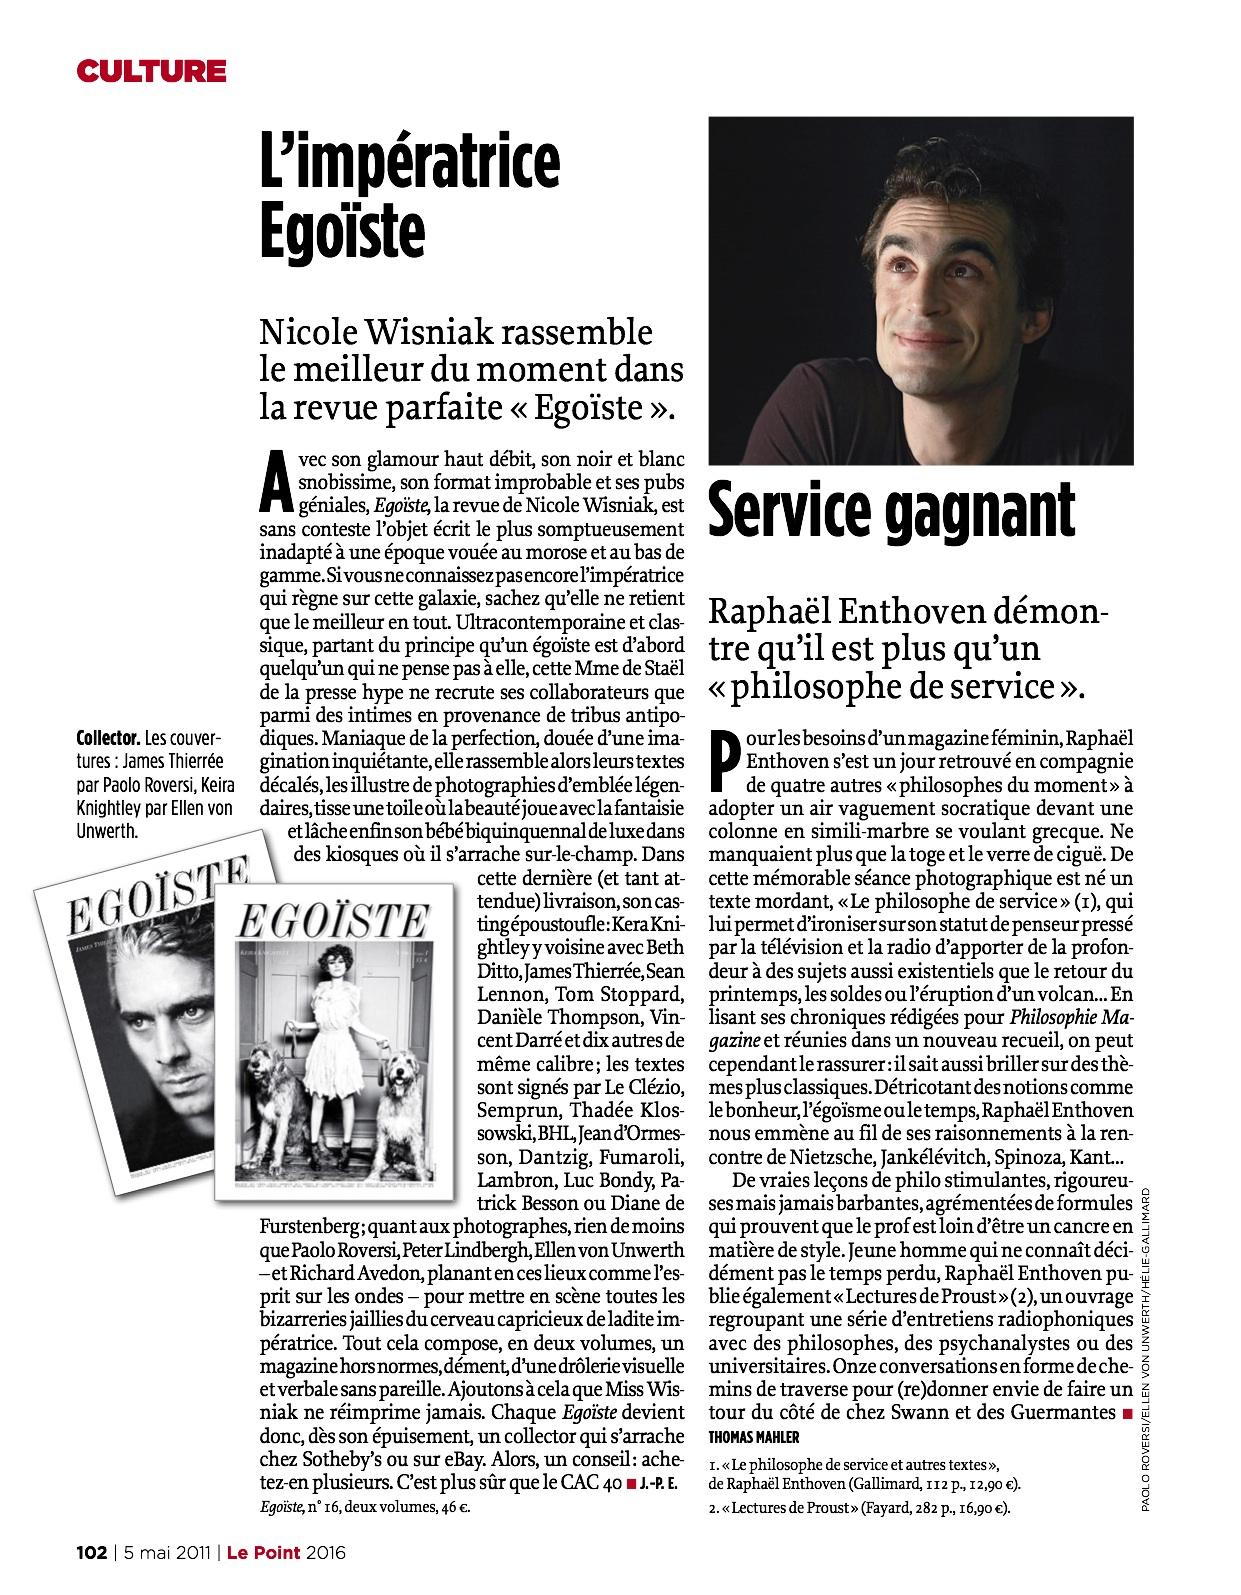 Le Point 05 05 2011.jpg